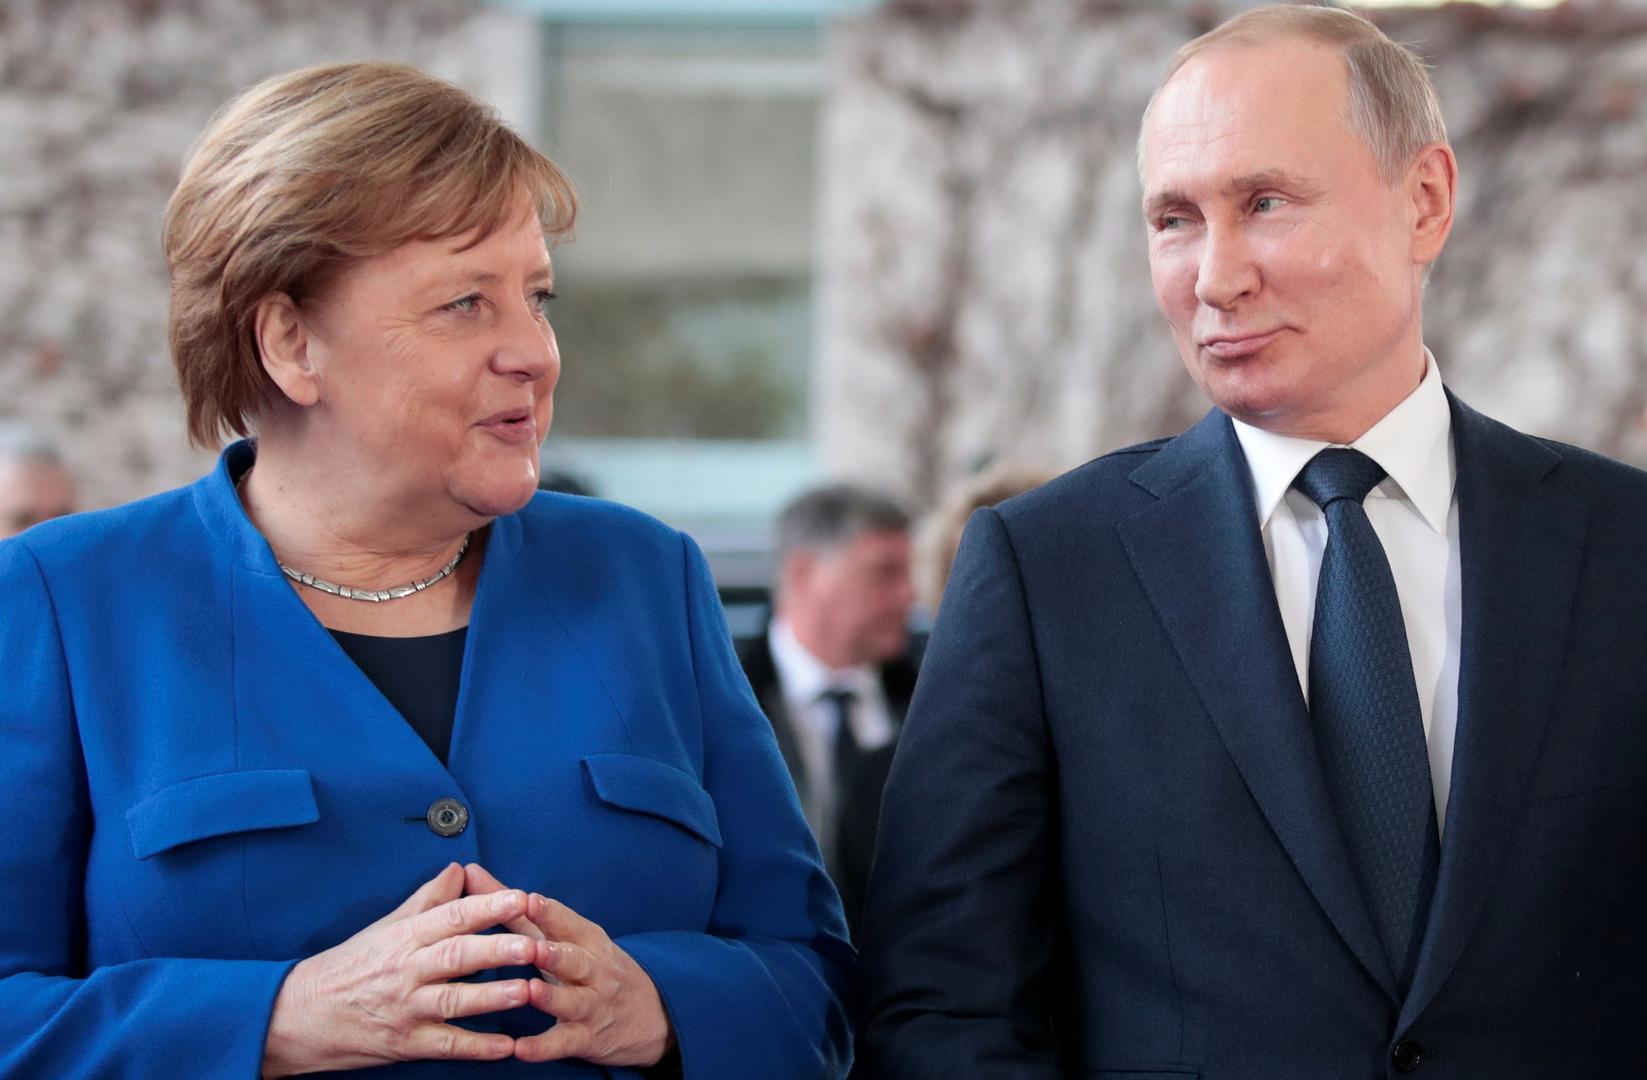 بوتين وميركل: لا سبيل للتسوية في ليبيا إلا بالحوار والأساليب الدبلوماسية